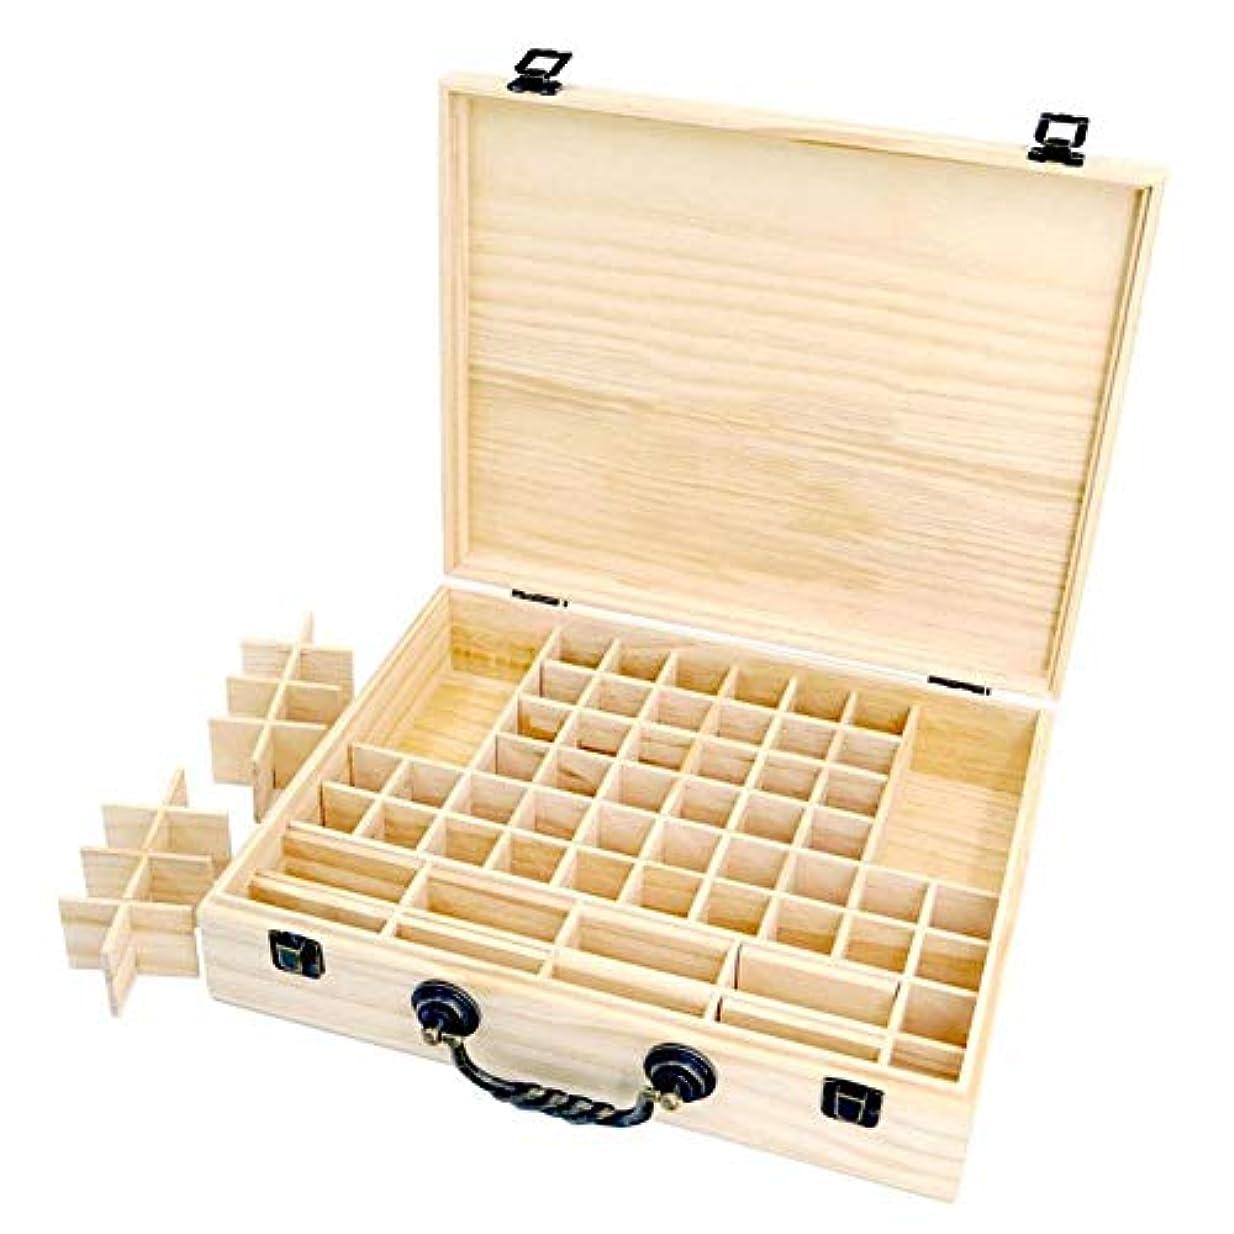 小康クラッチ対称エッセンシャルオイル収納ボックス 収納ケース 保存ボックス パイン製 取り外し可能なメッシュ 70グリッド 持ち運び便利 junexi